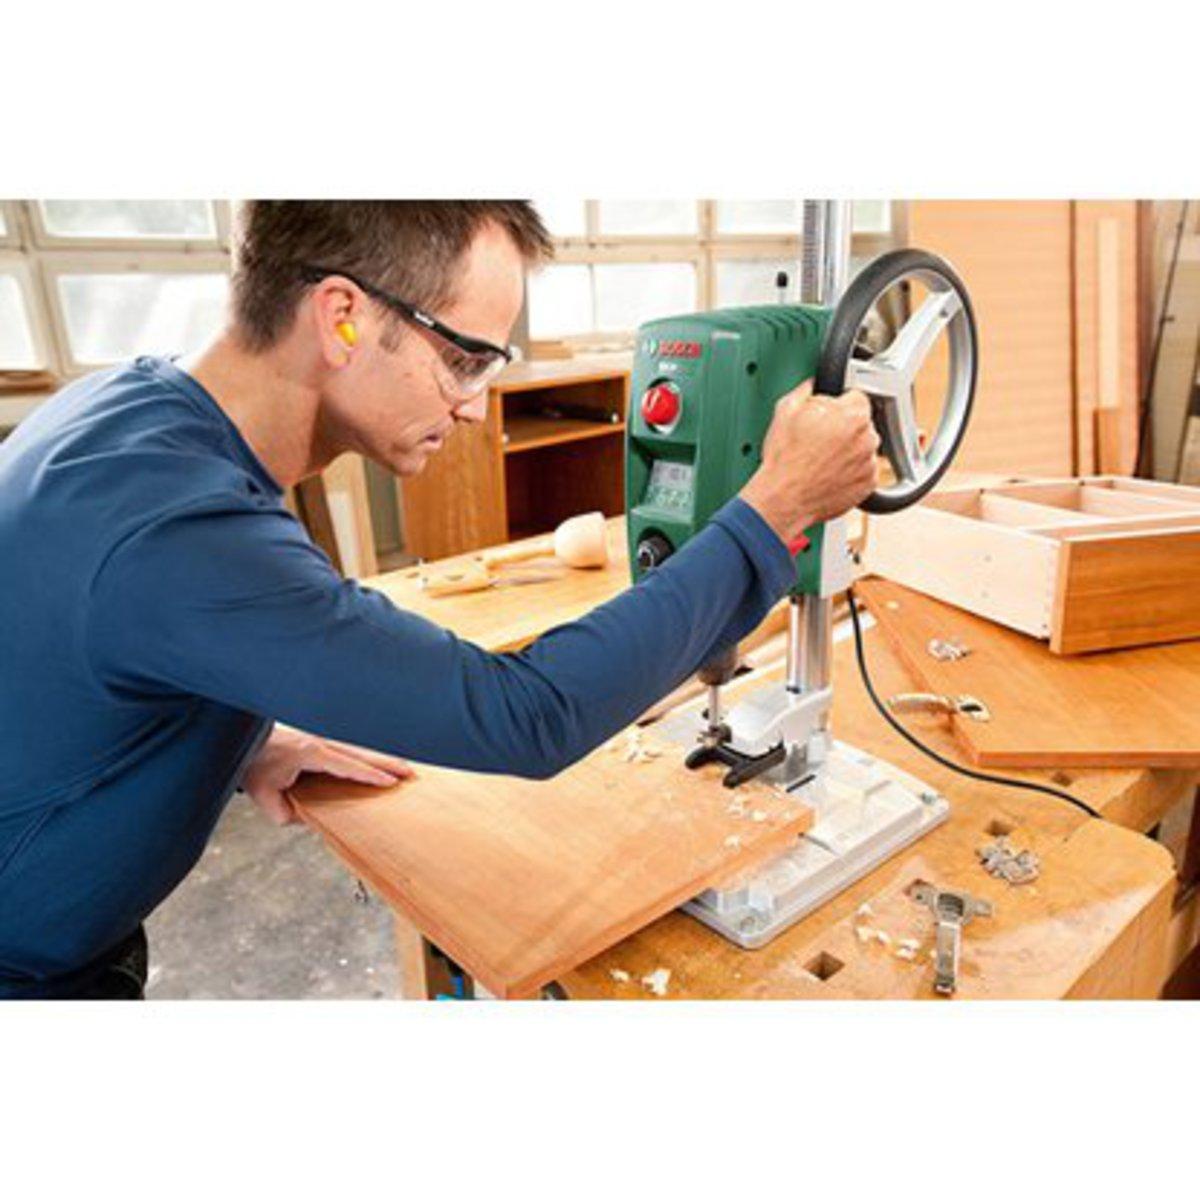 Bild 5 von Bosch Tischbohrmaschine 710 W PBD 40